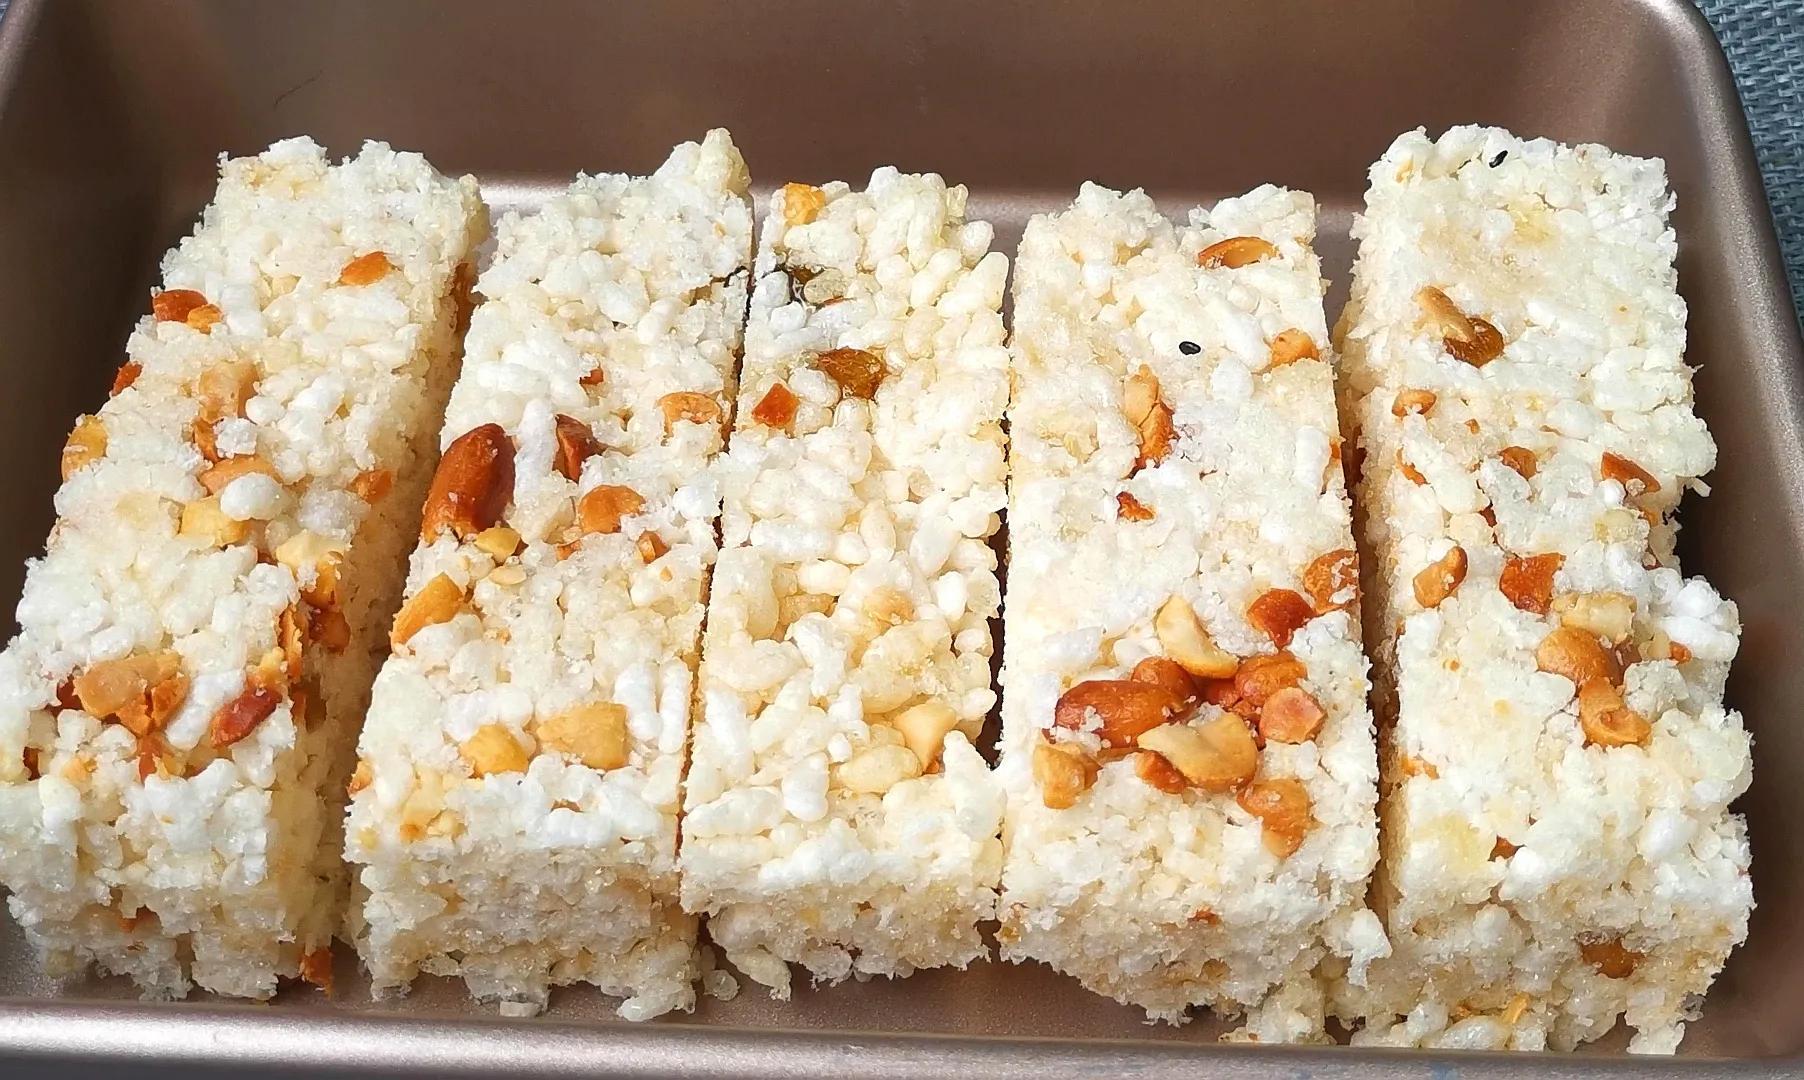 把大米倒进油锅里个个爆开花,简单4步,轻松做成福建的米花糖 美食做法 第1张